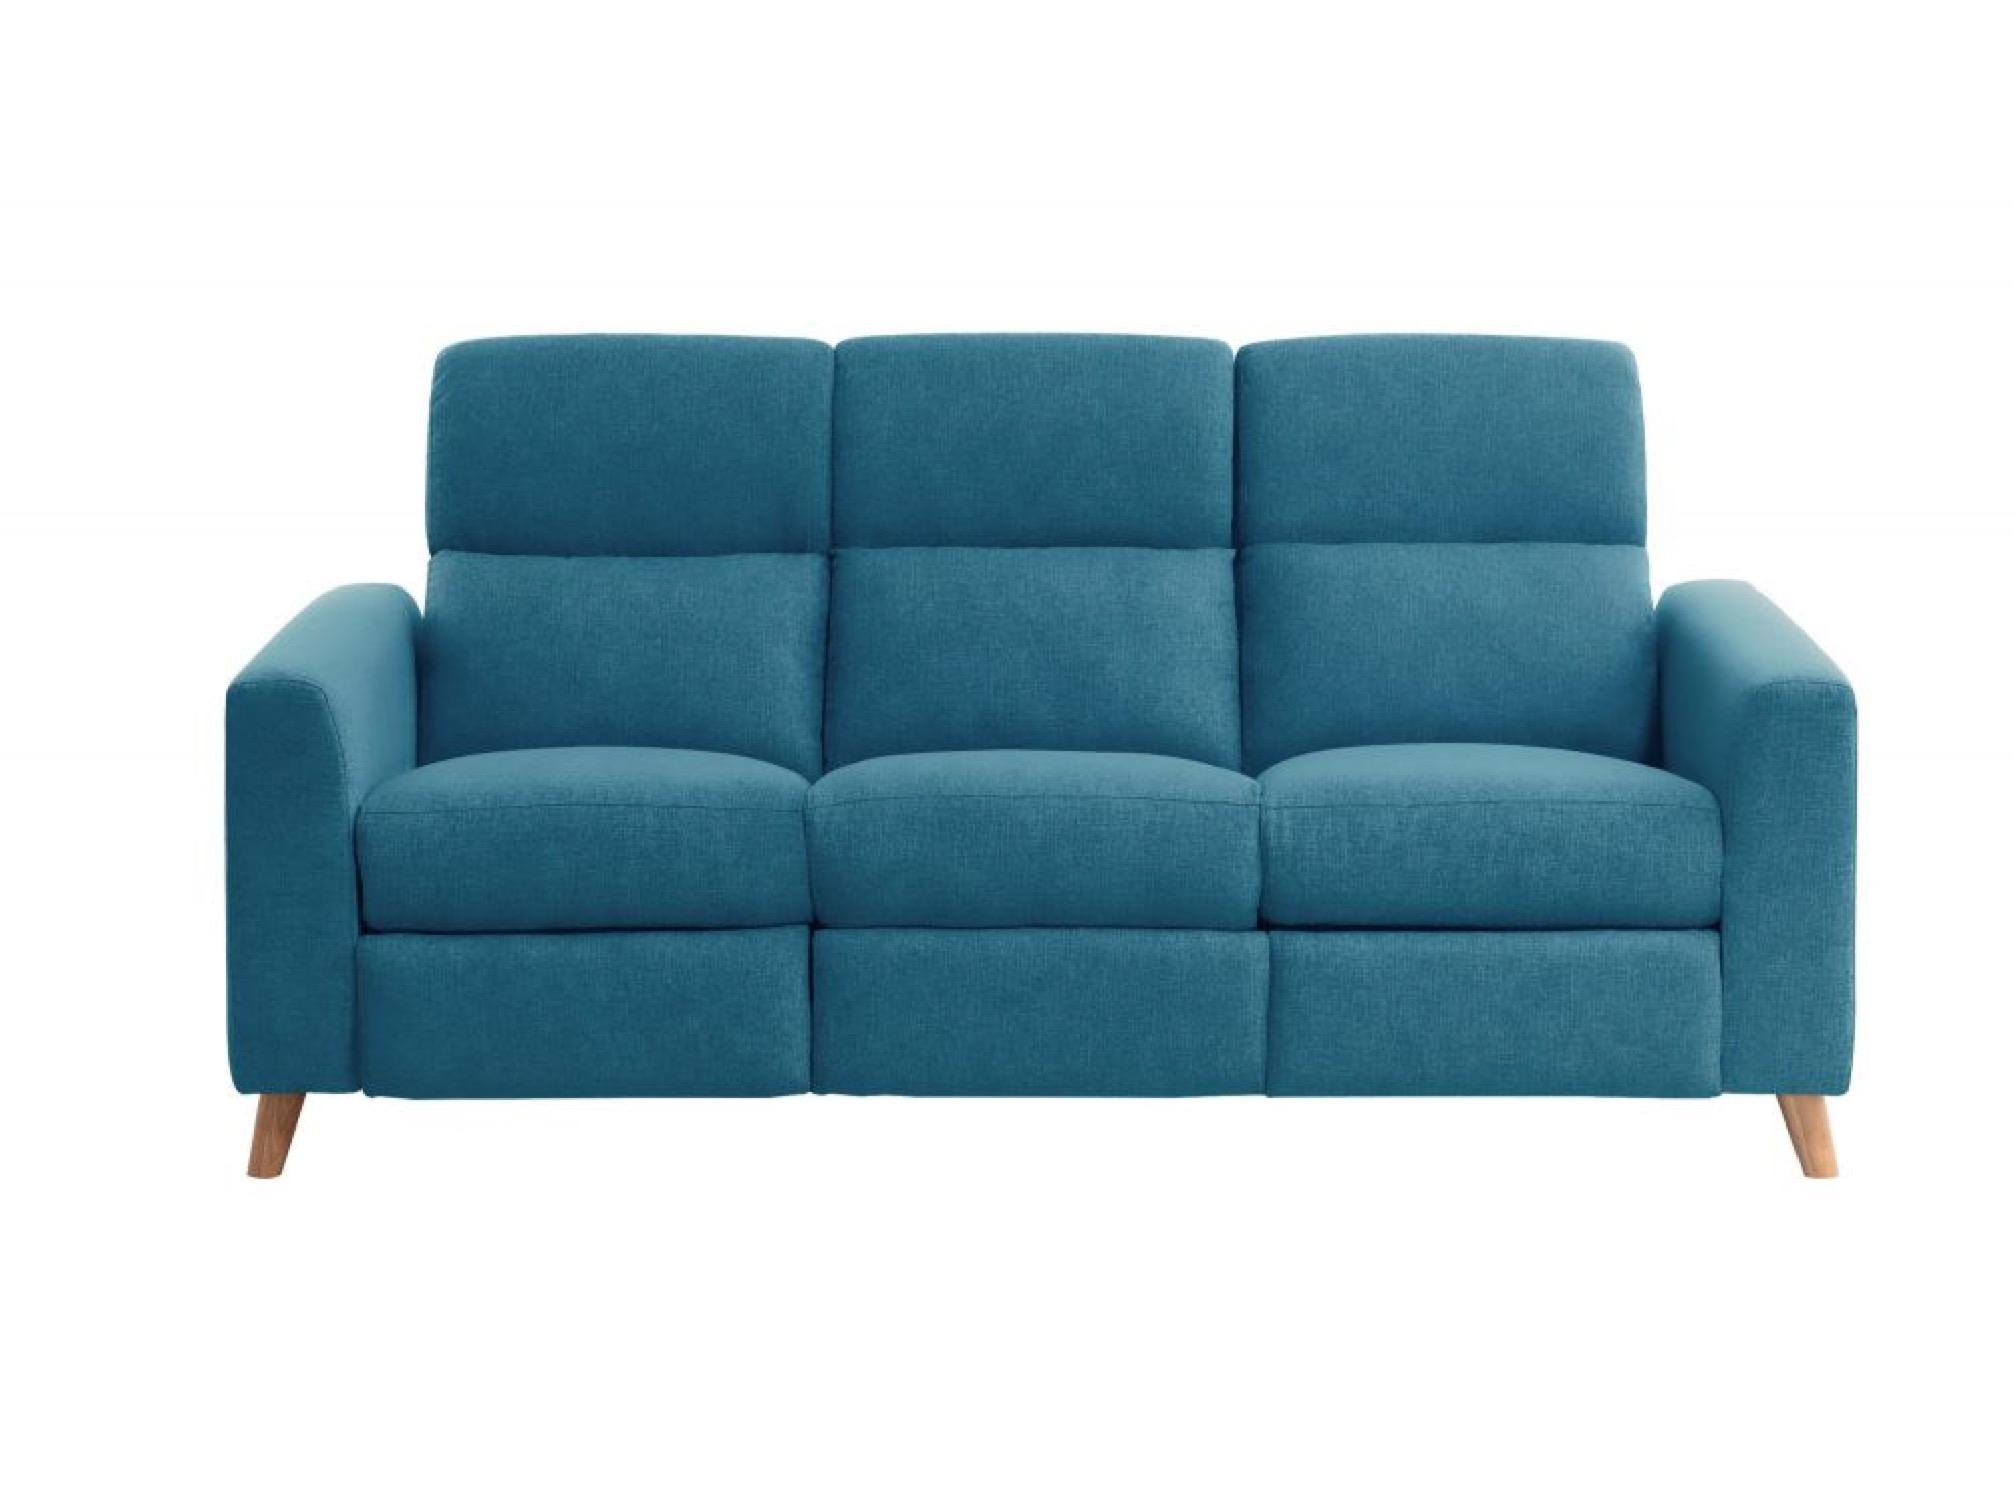 Canapé d'angle bleu de relaxation électrique 3 places